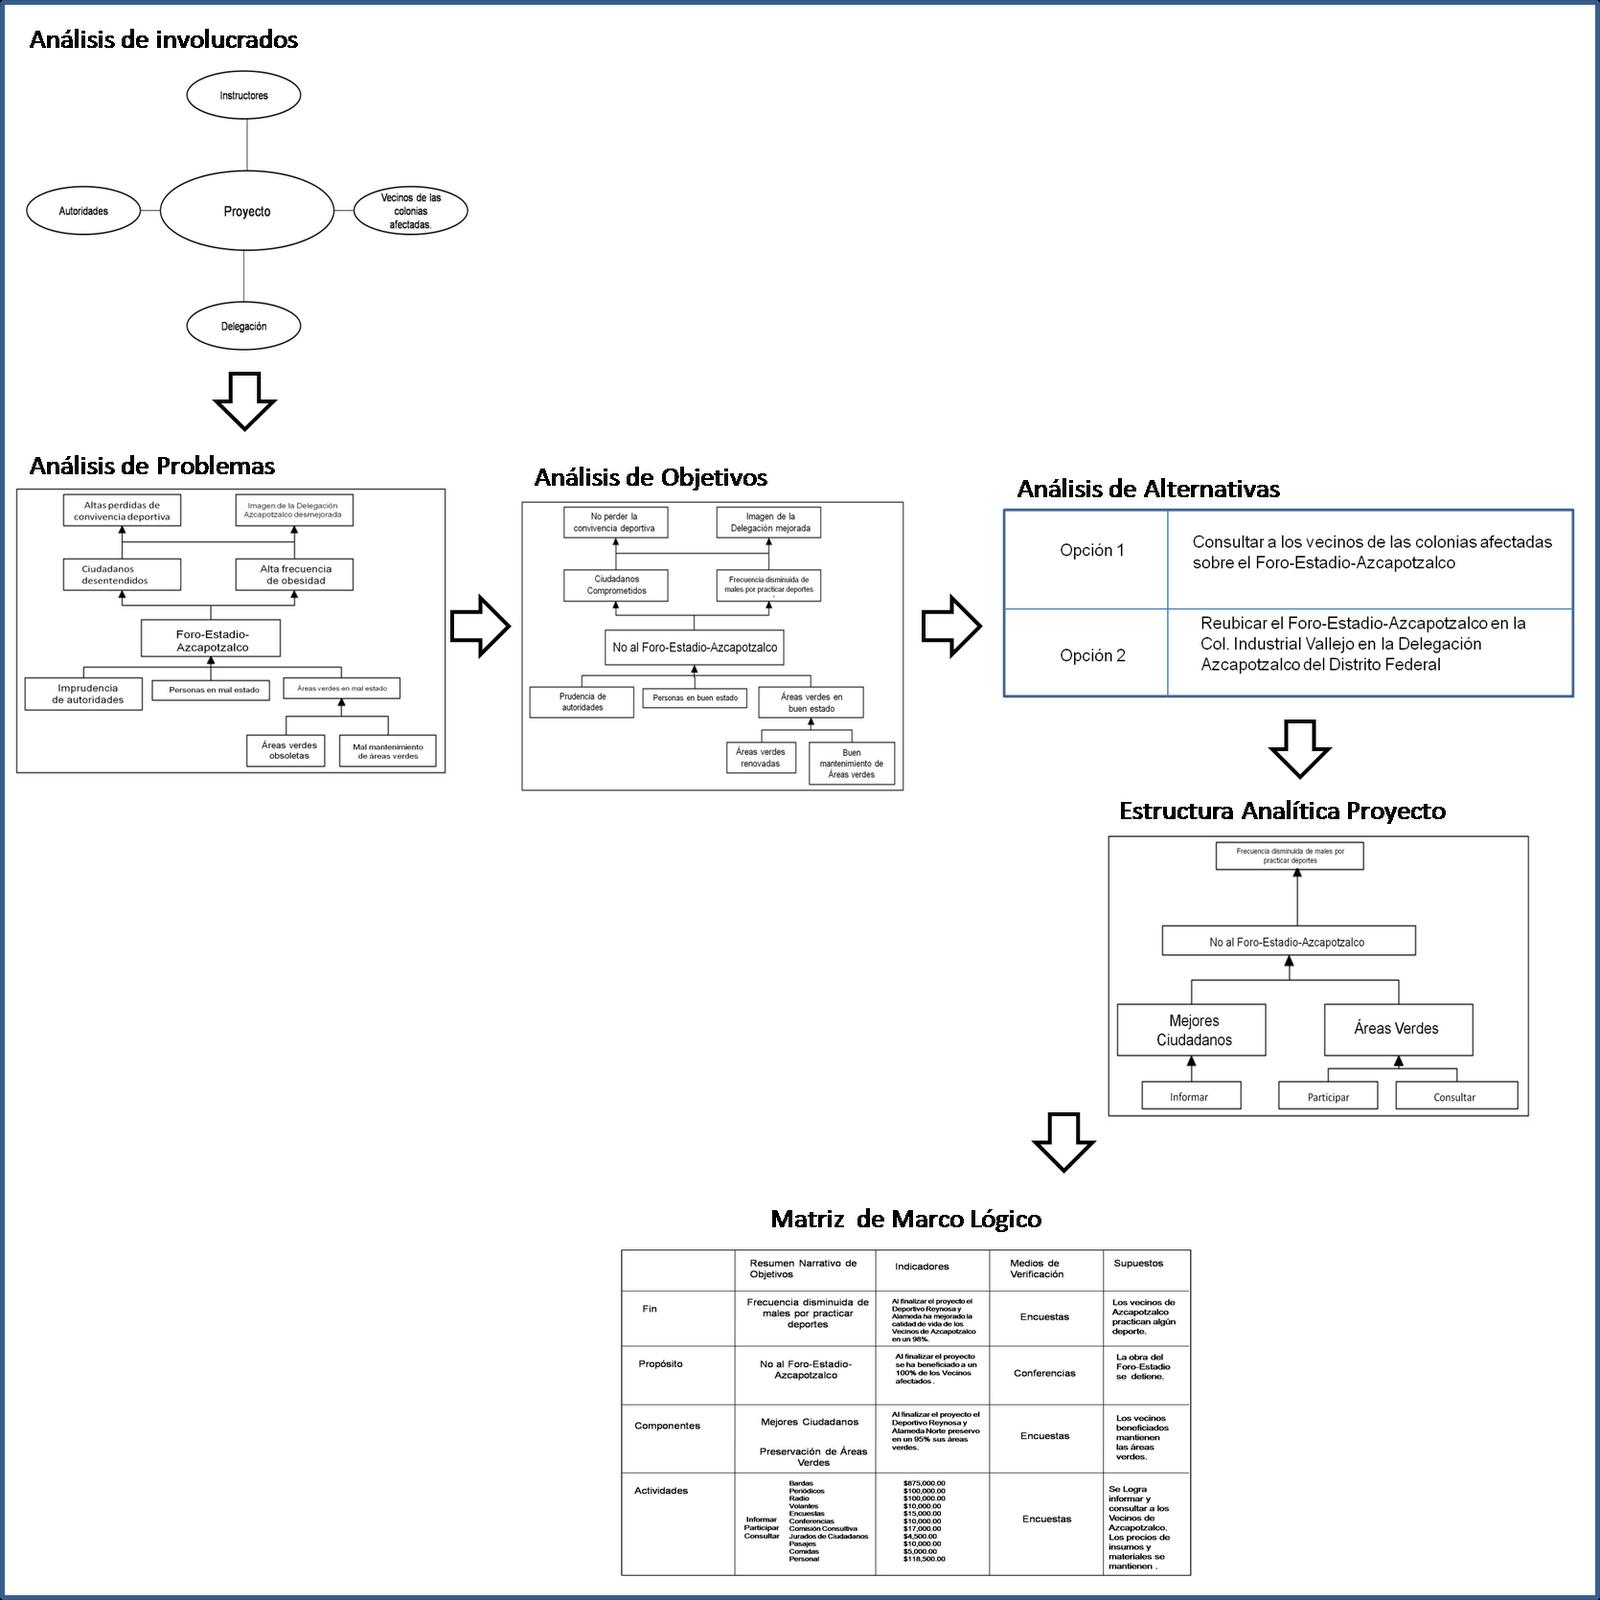 marco logico analisis de involucrados - Buscar con Google ...